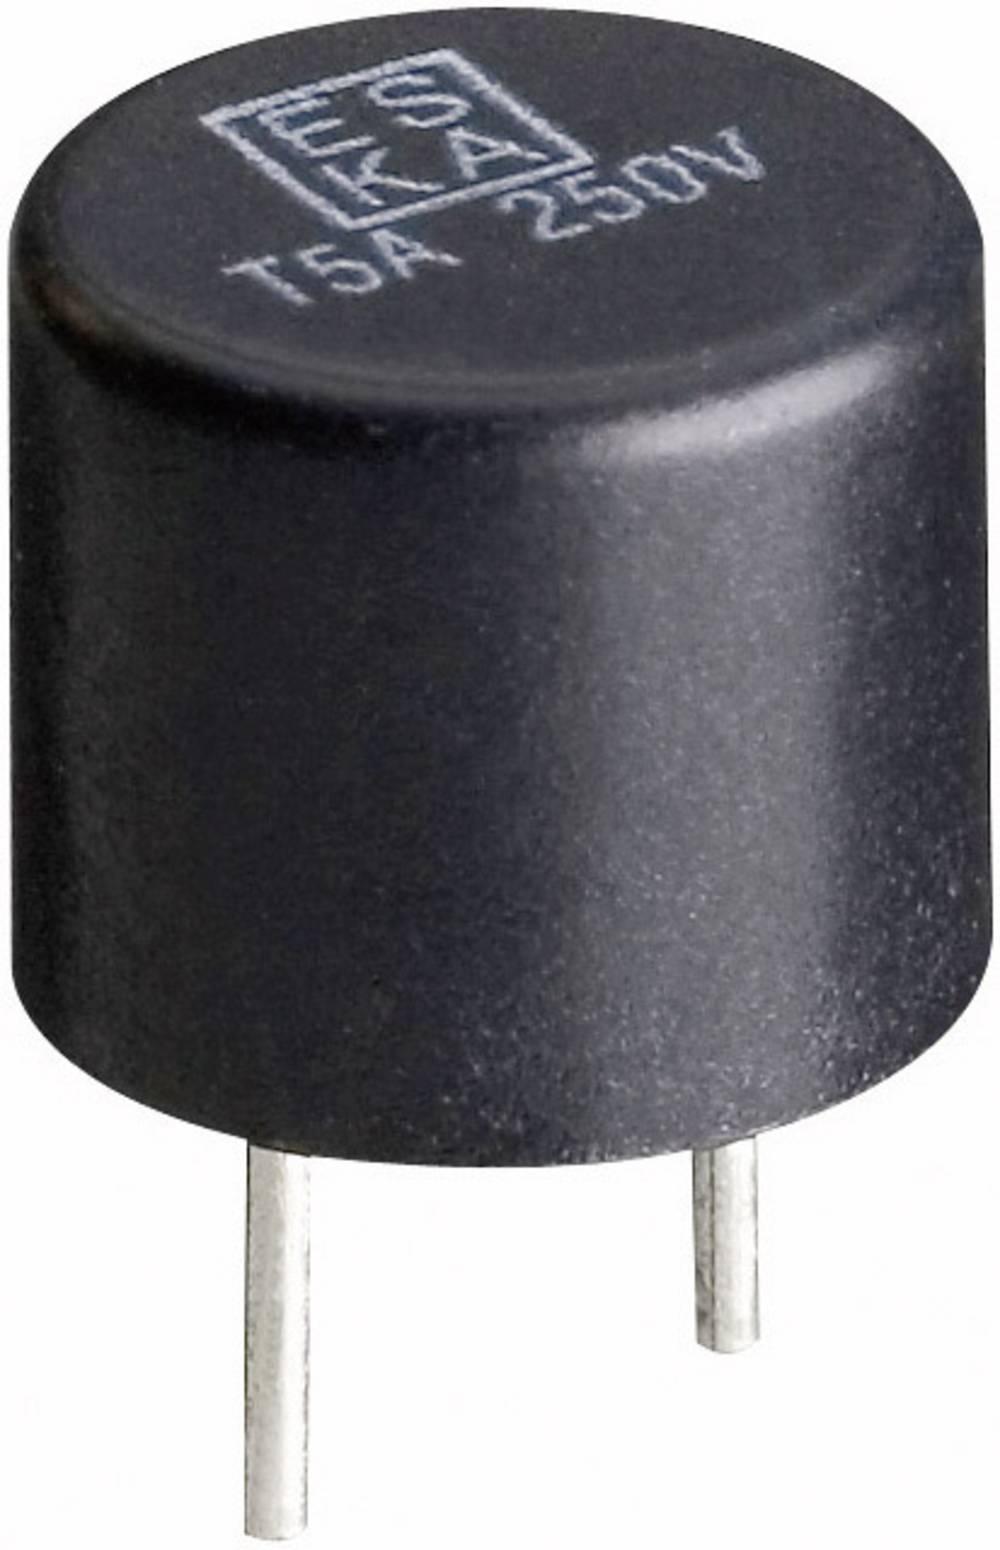 Mikrosikring ESKA 887016 800 mA 250 V rund Træg -T- med radial tråd 500 stk